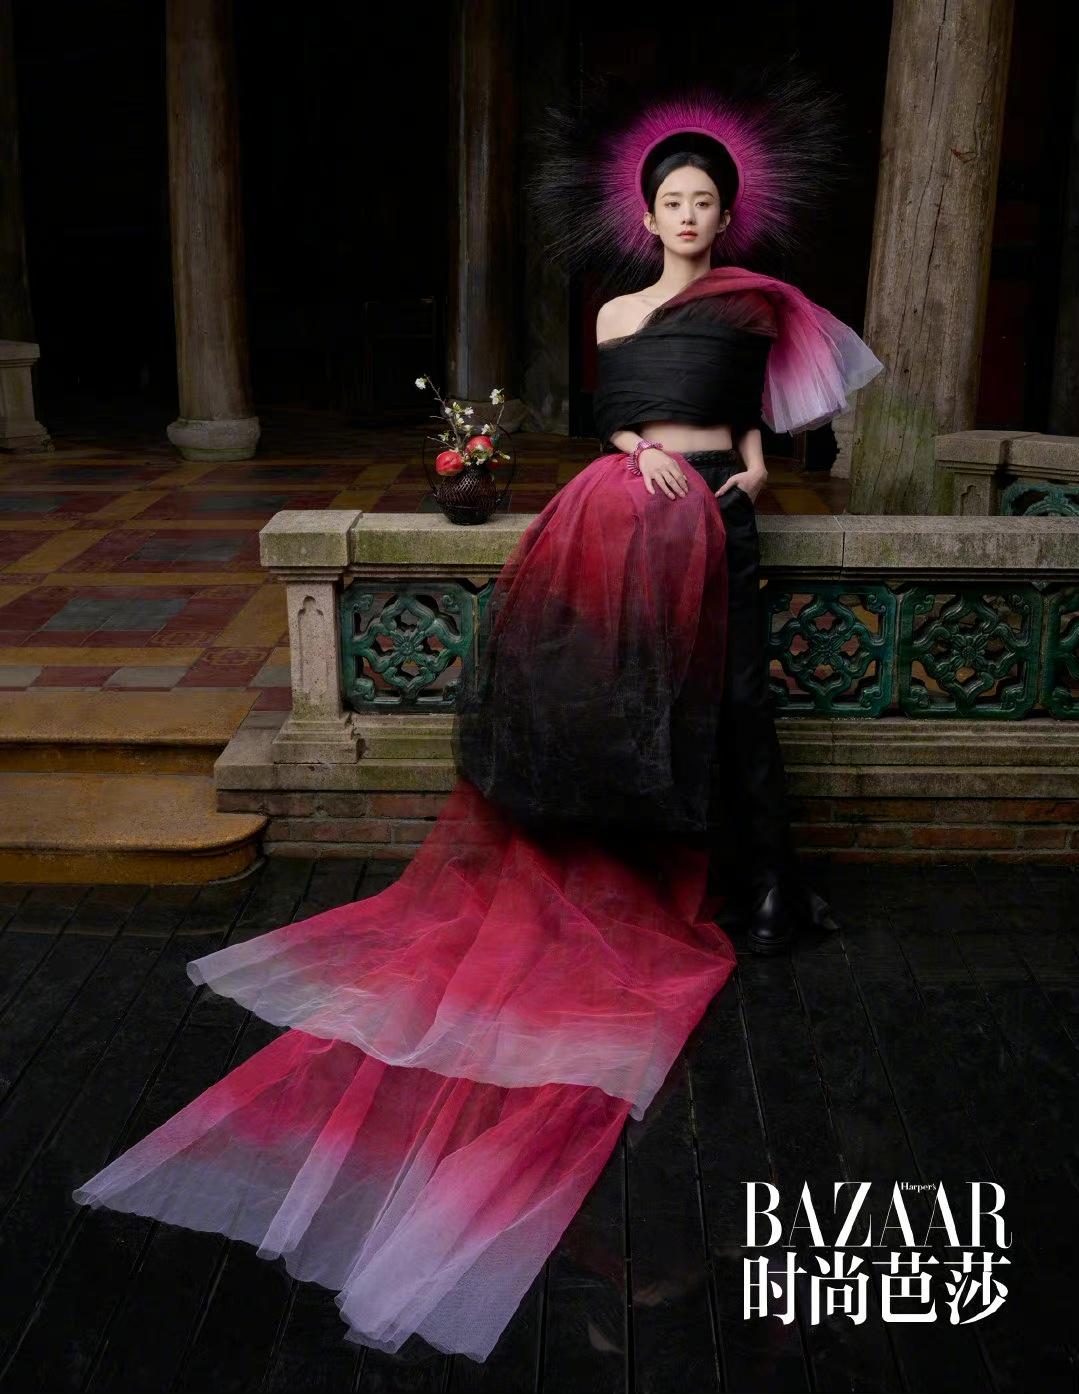 Phong cách thời trang chuẩn 'đẳng cấp quốc tế' của Triệu Lệ Dĩnh, dát Haute Couture đều như cơm bữa 5